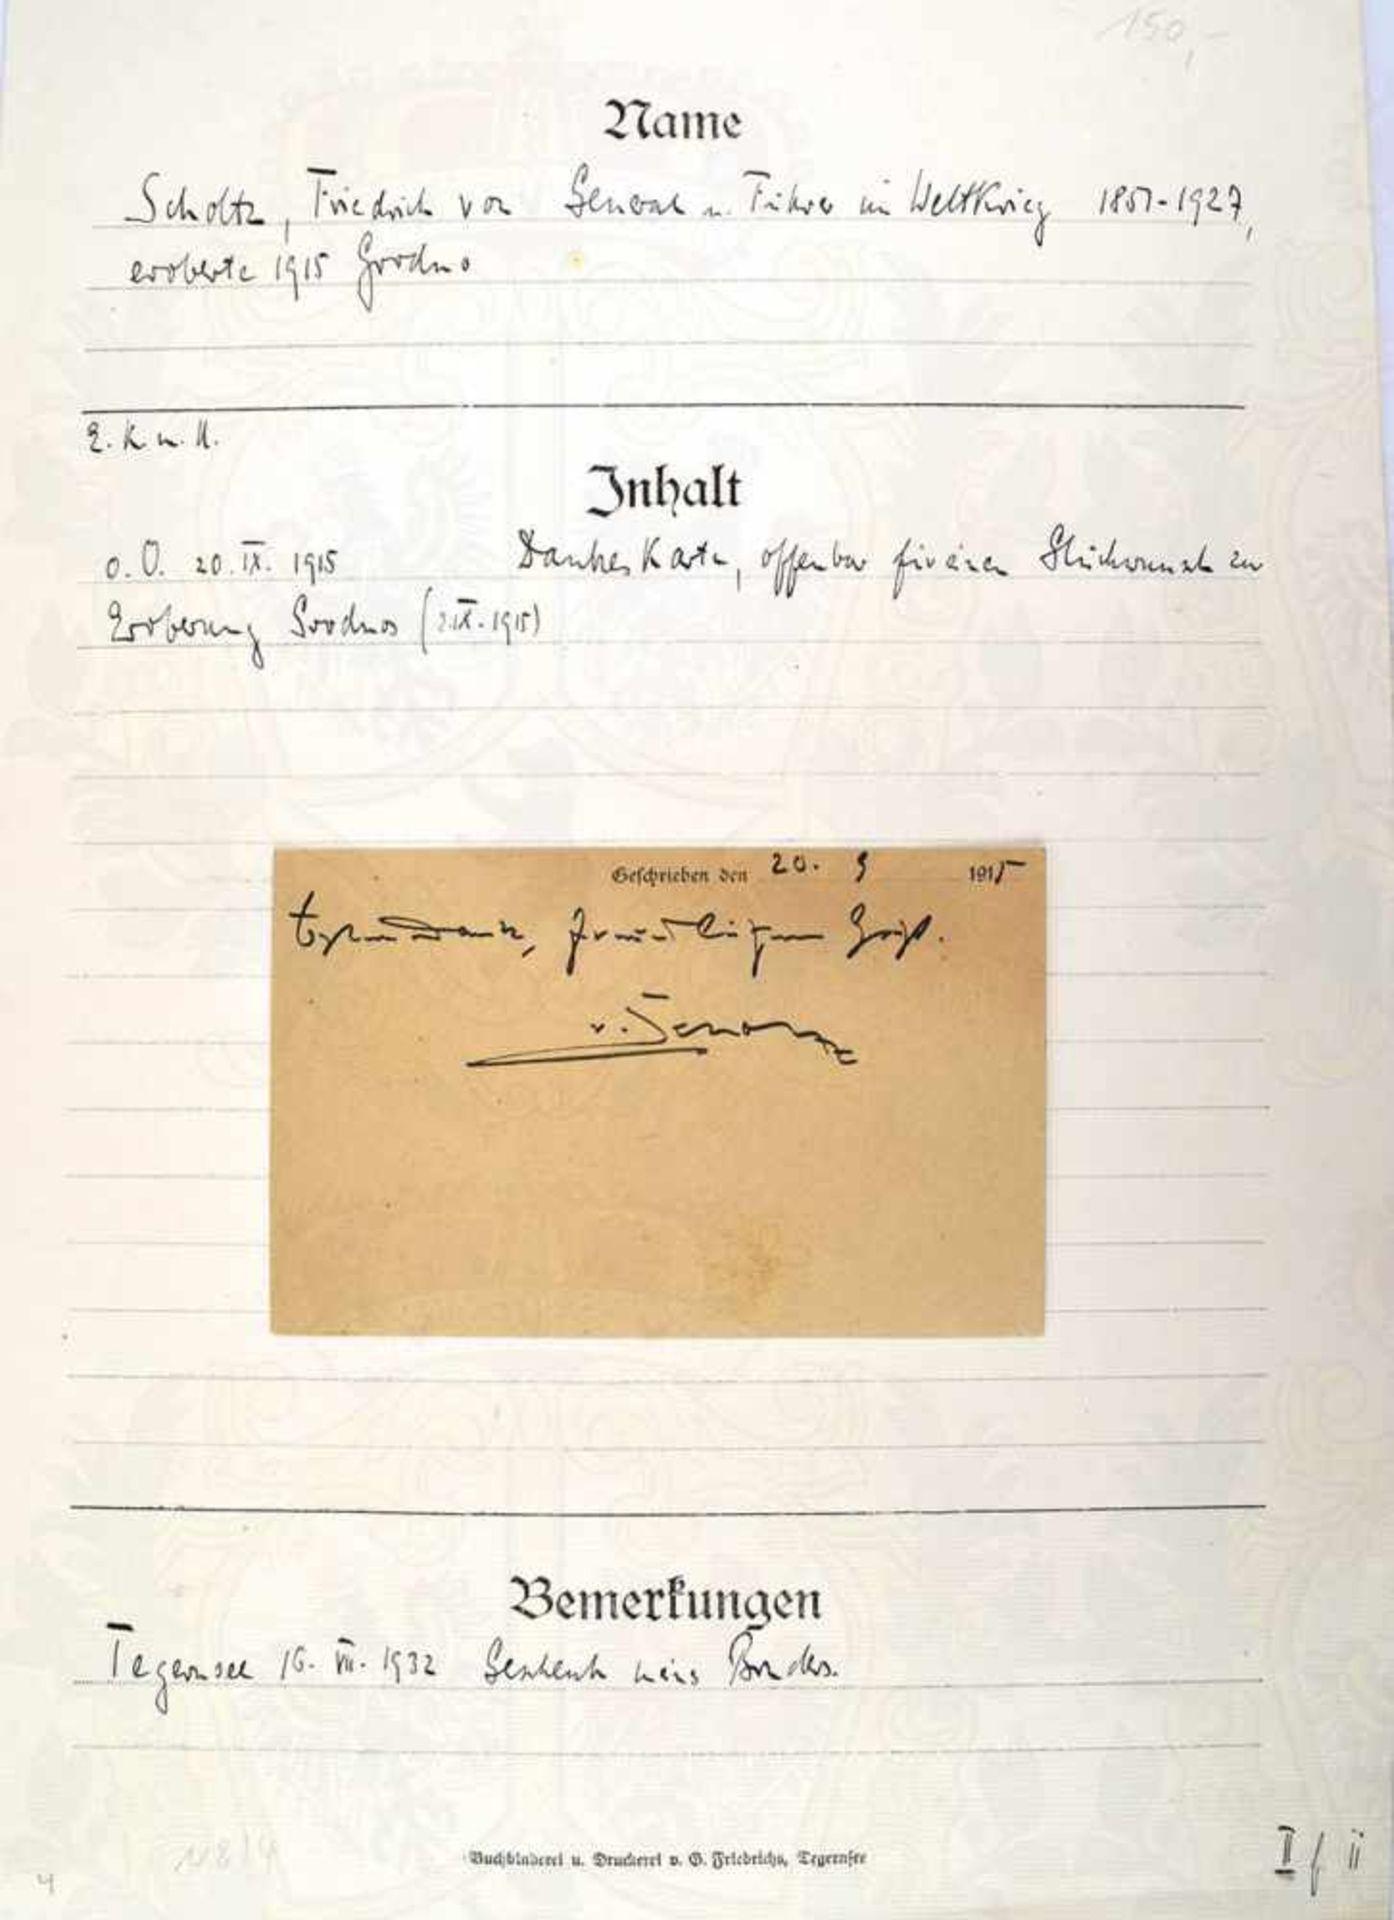 SCHOLTZ, FRIEDRICH VON, 1857-1927, Preußischer General der Artillerie, eigenhändige Danksagung auf